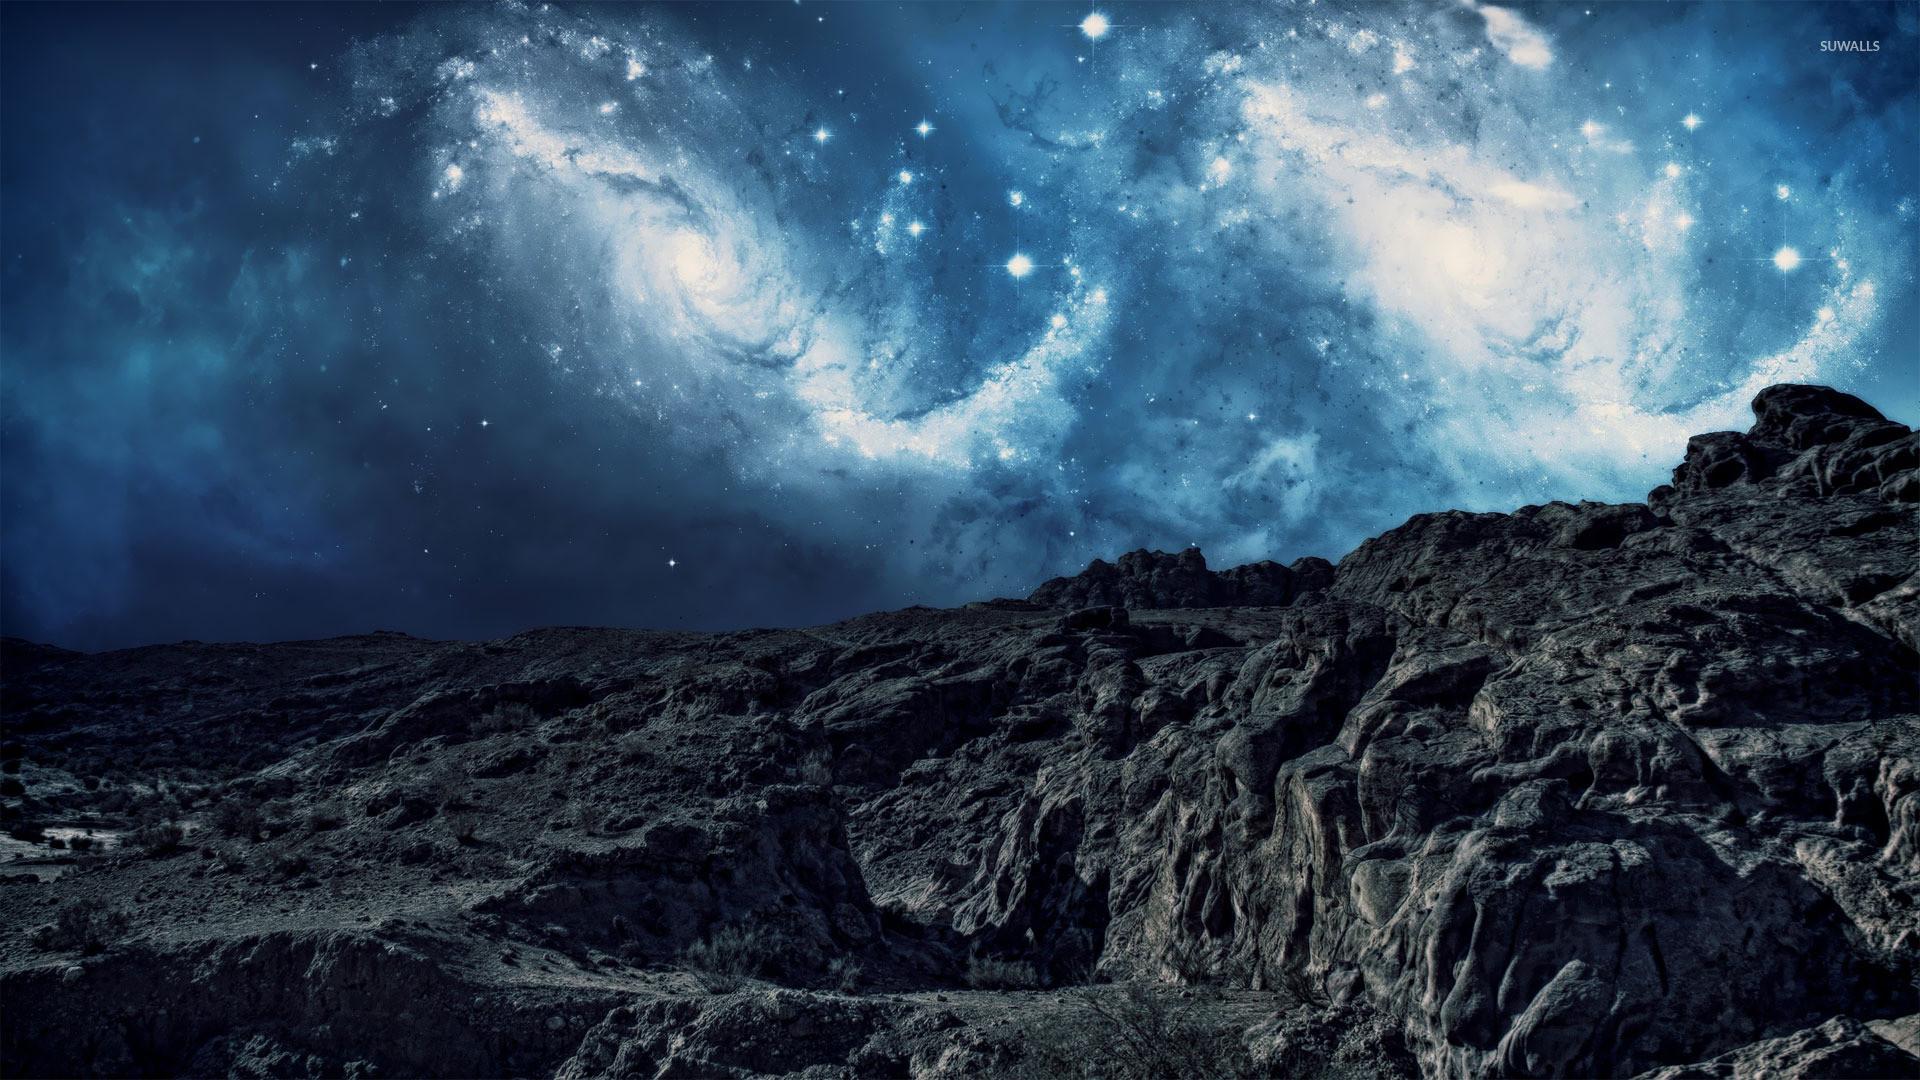 Stargazing on the mountain wallpaper jpg